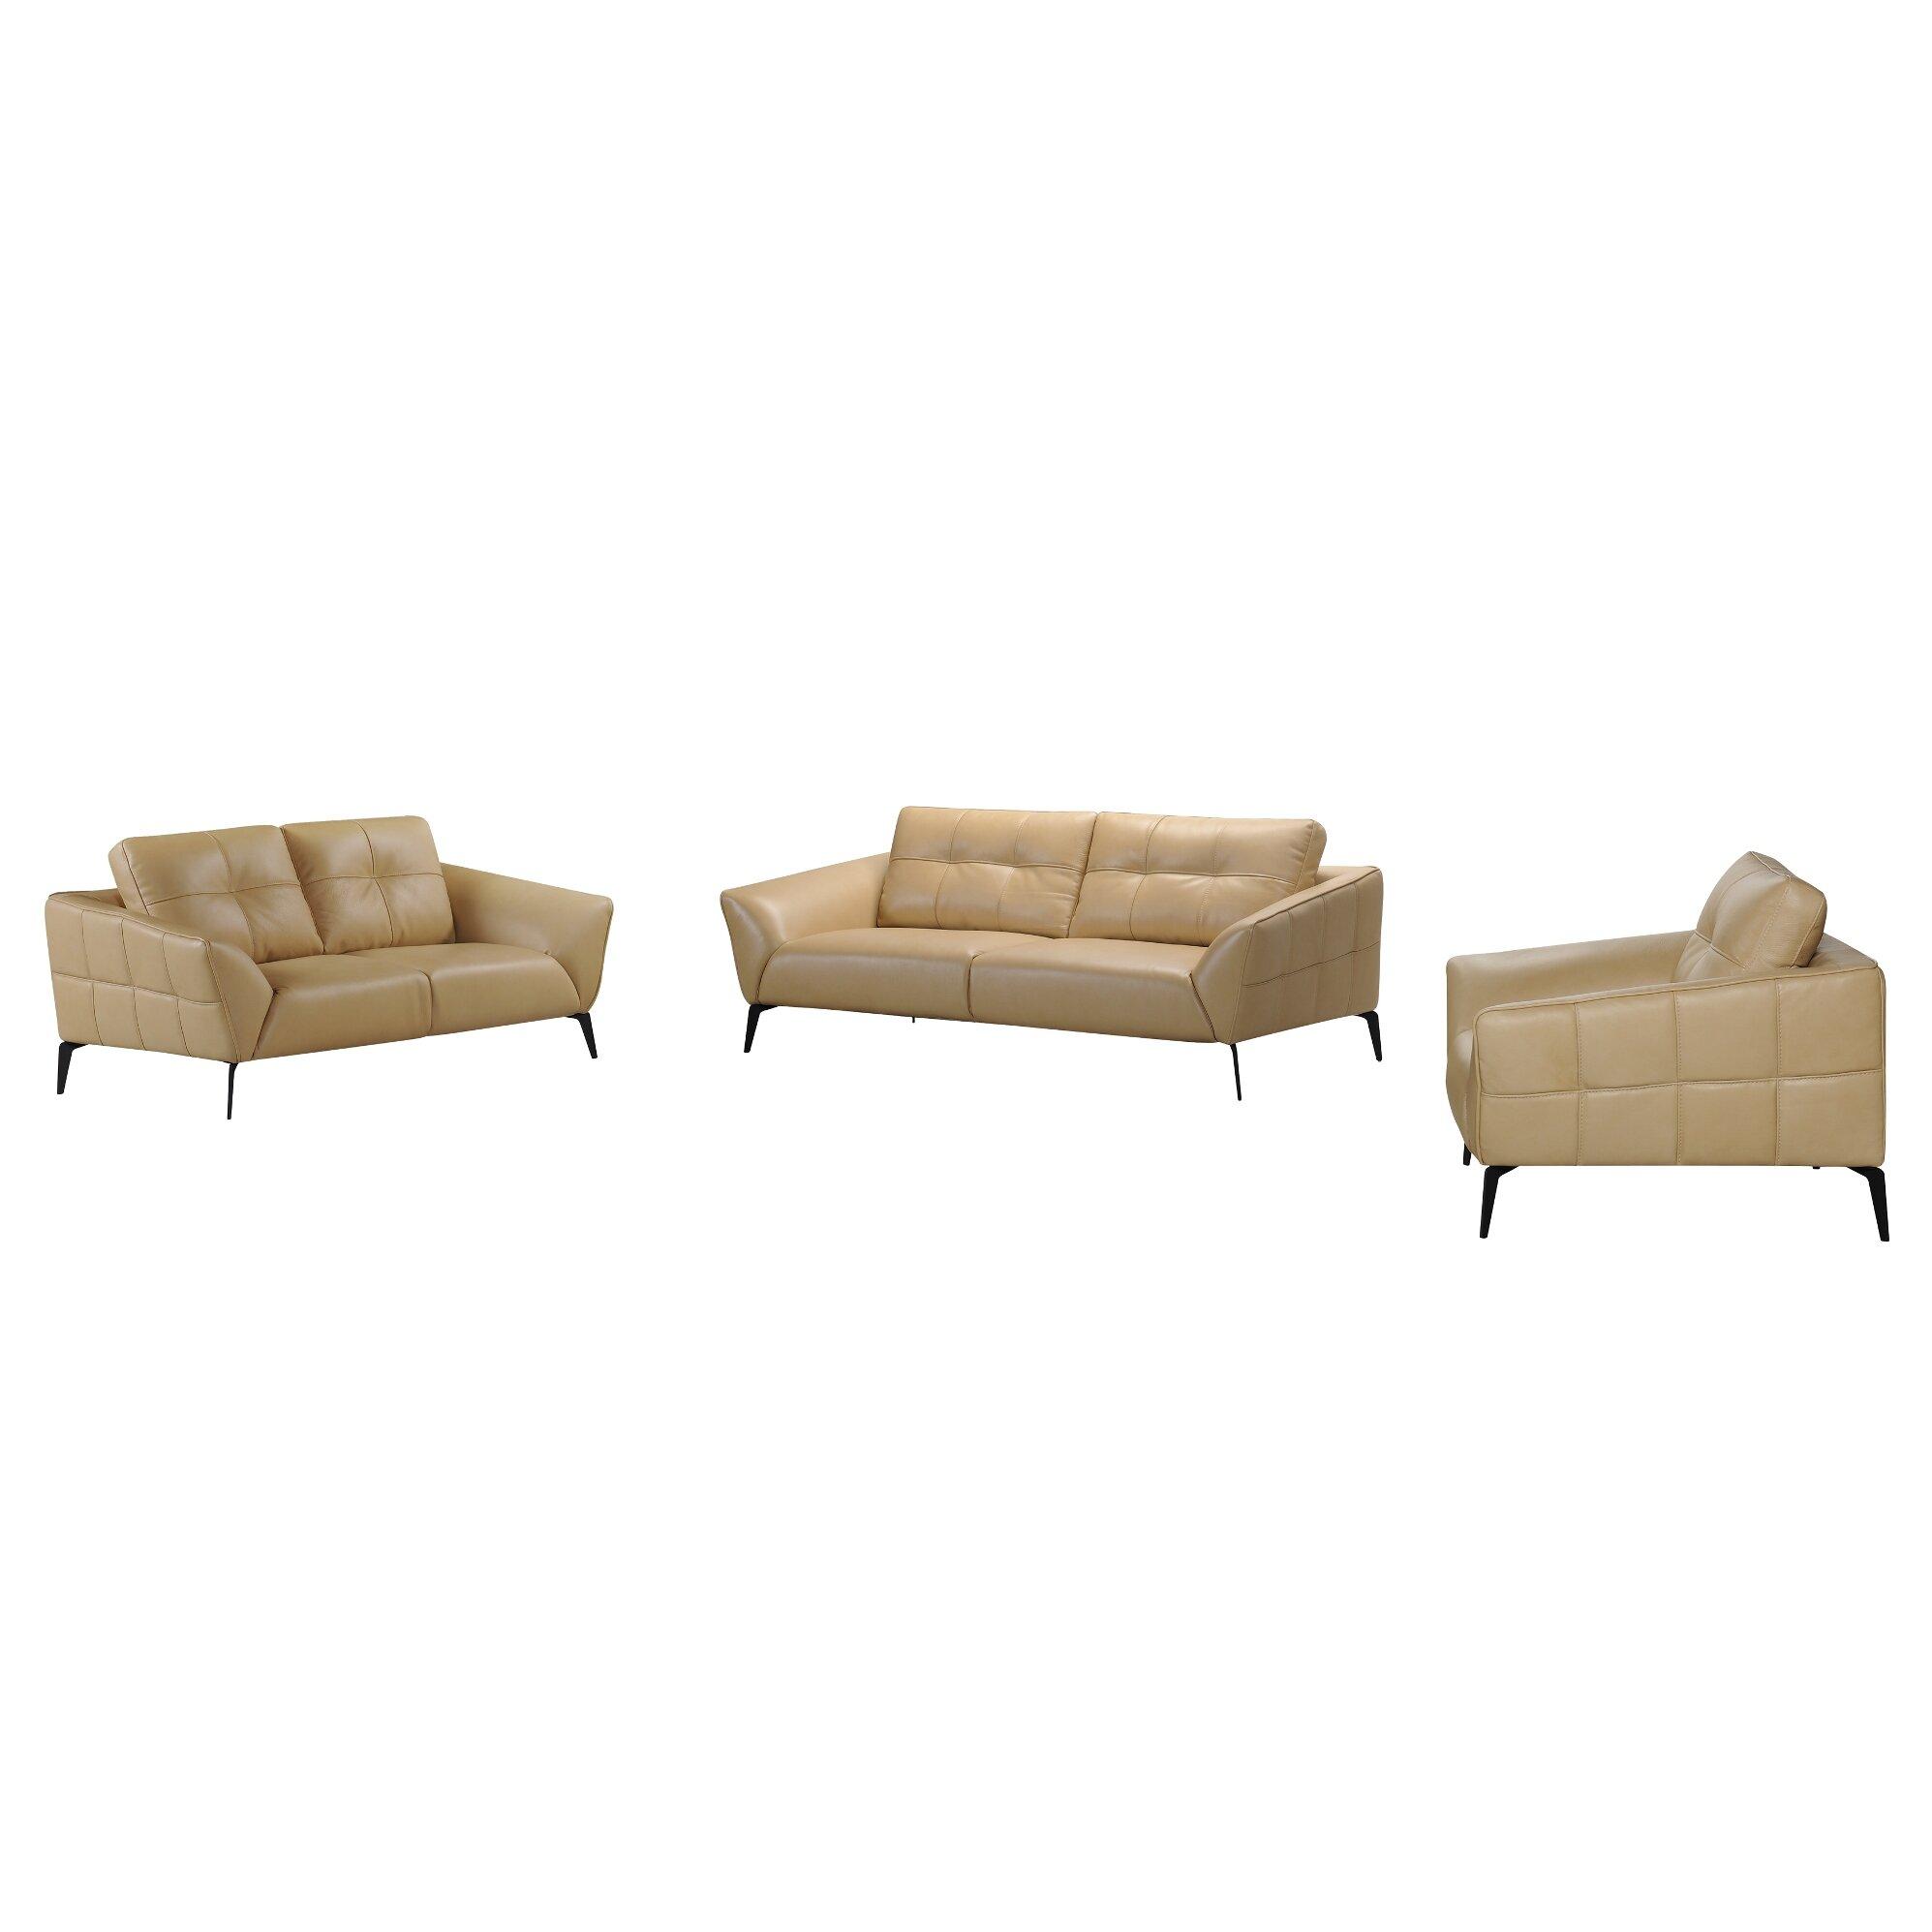 Brayden Studio Aaden 3 Piece Leather Living Room Set | Wayfair